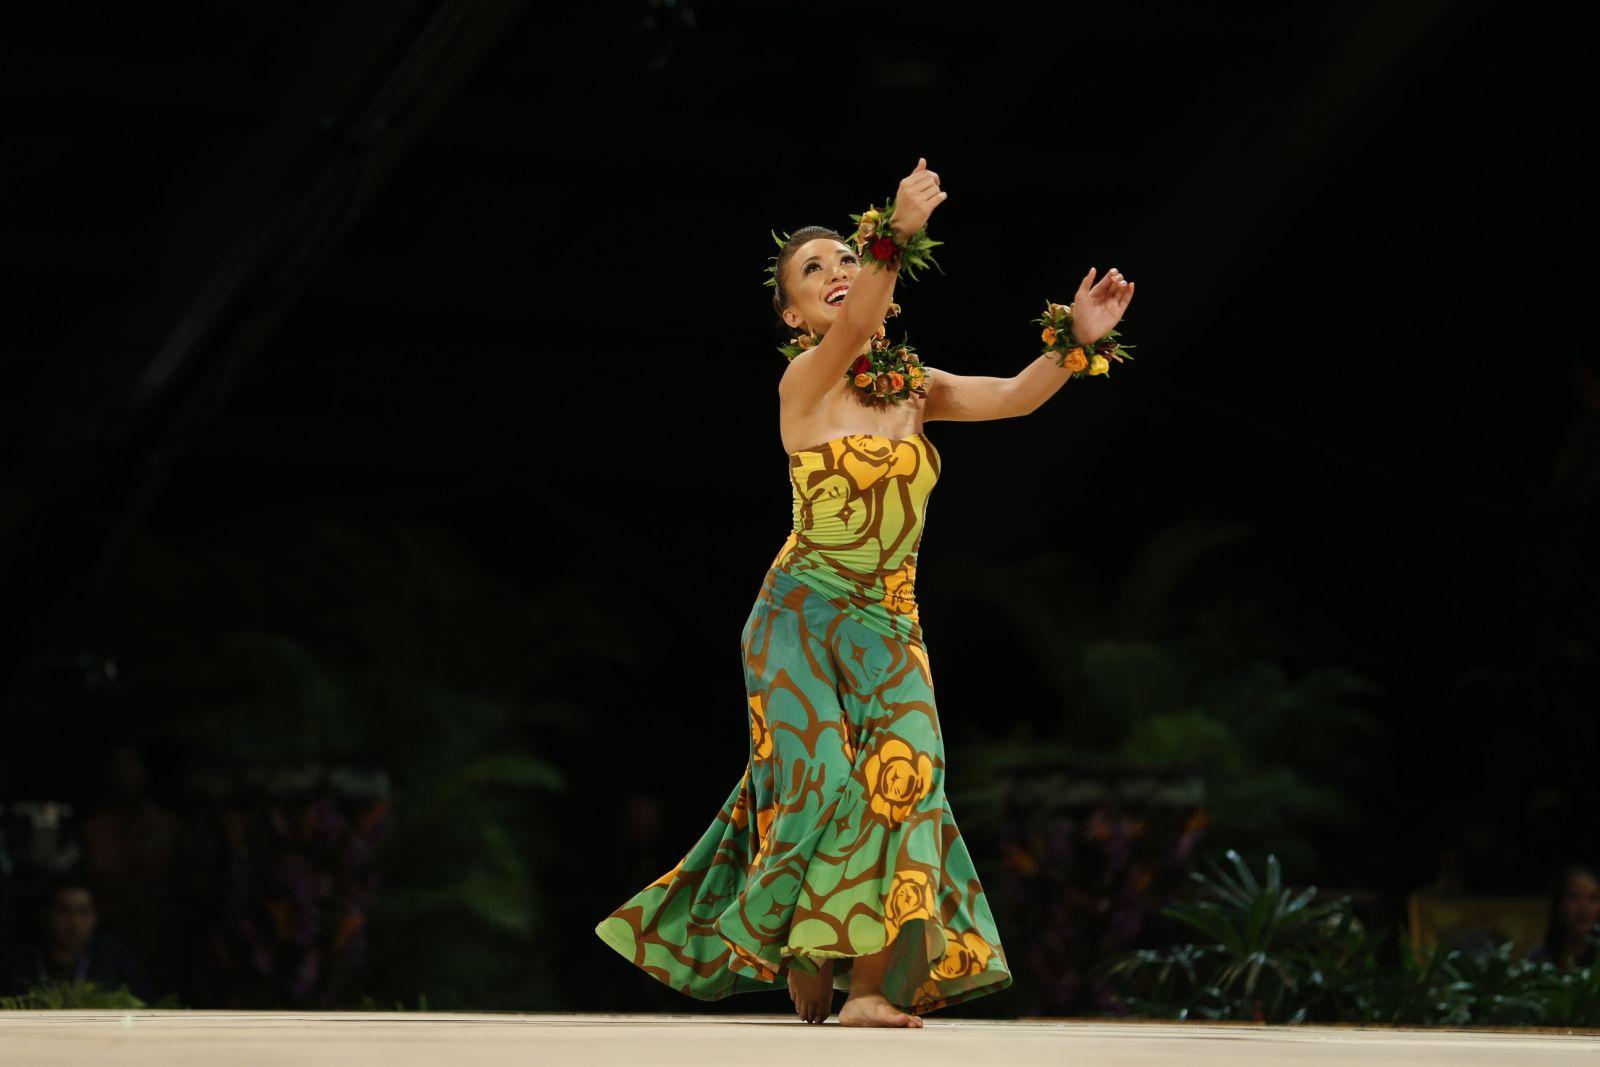 Fourth Runner Up – Miriam Anuhea Kamakanaokealoha Hokoana Arakawa